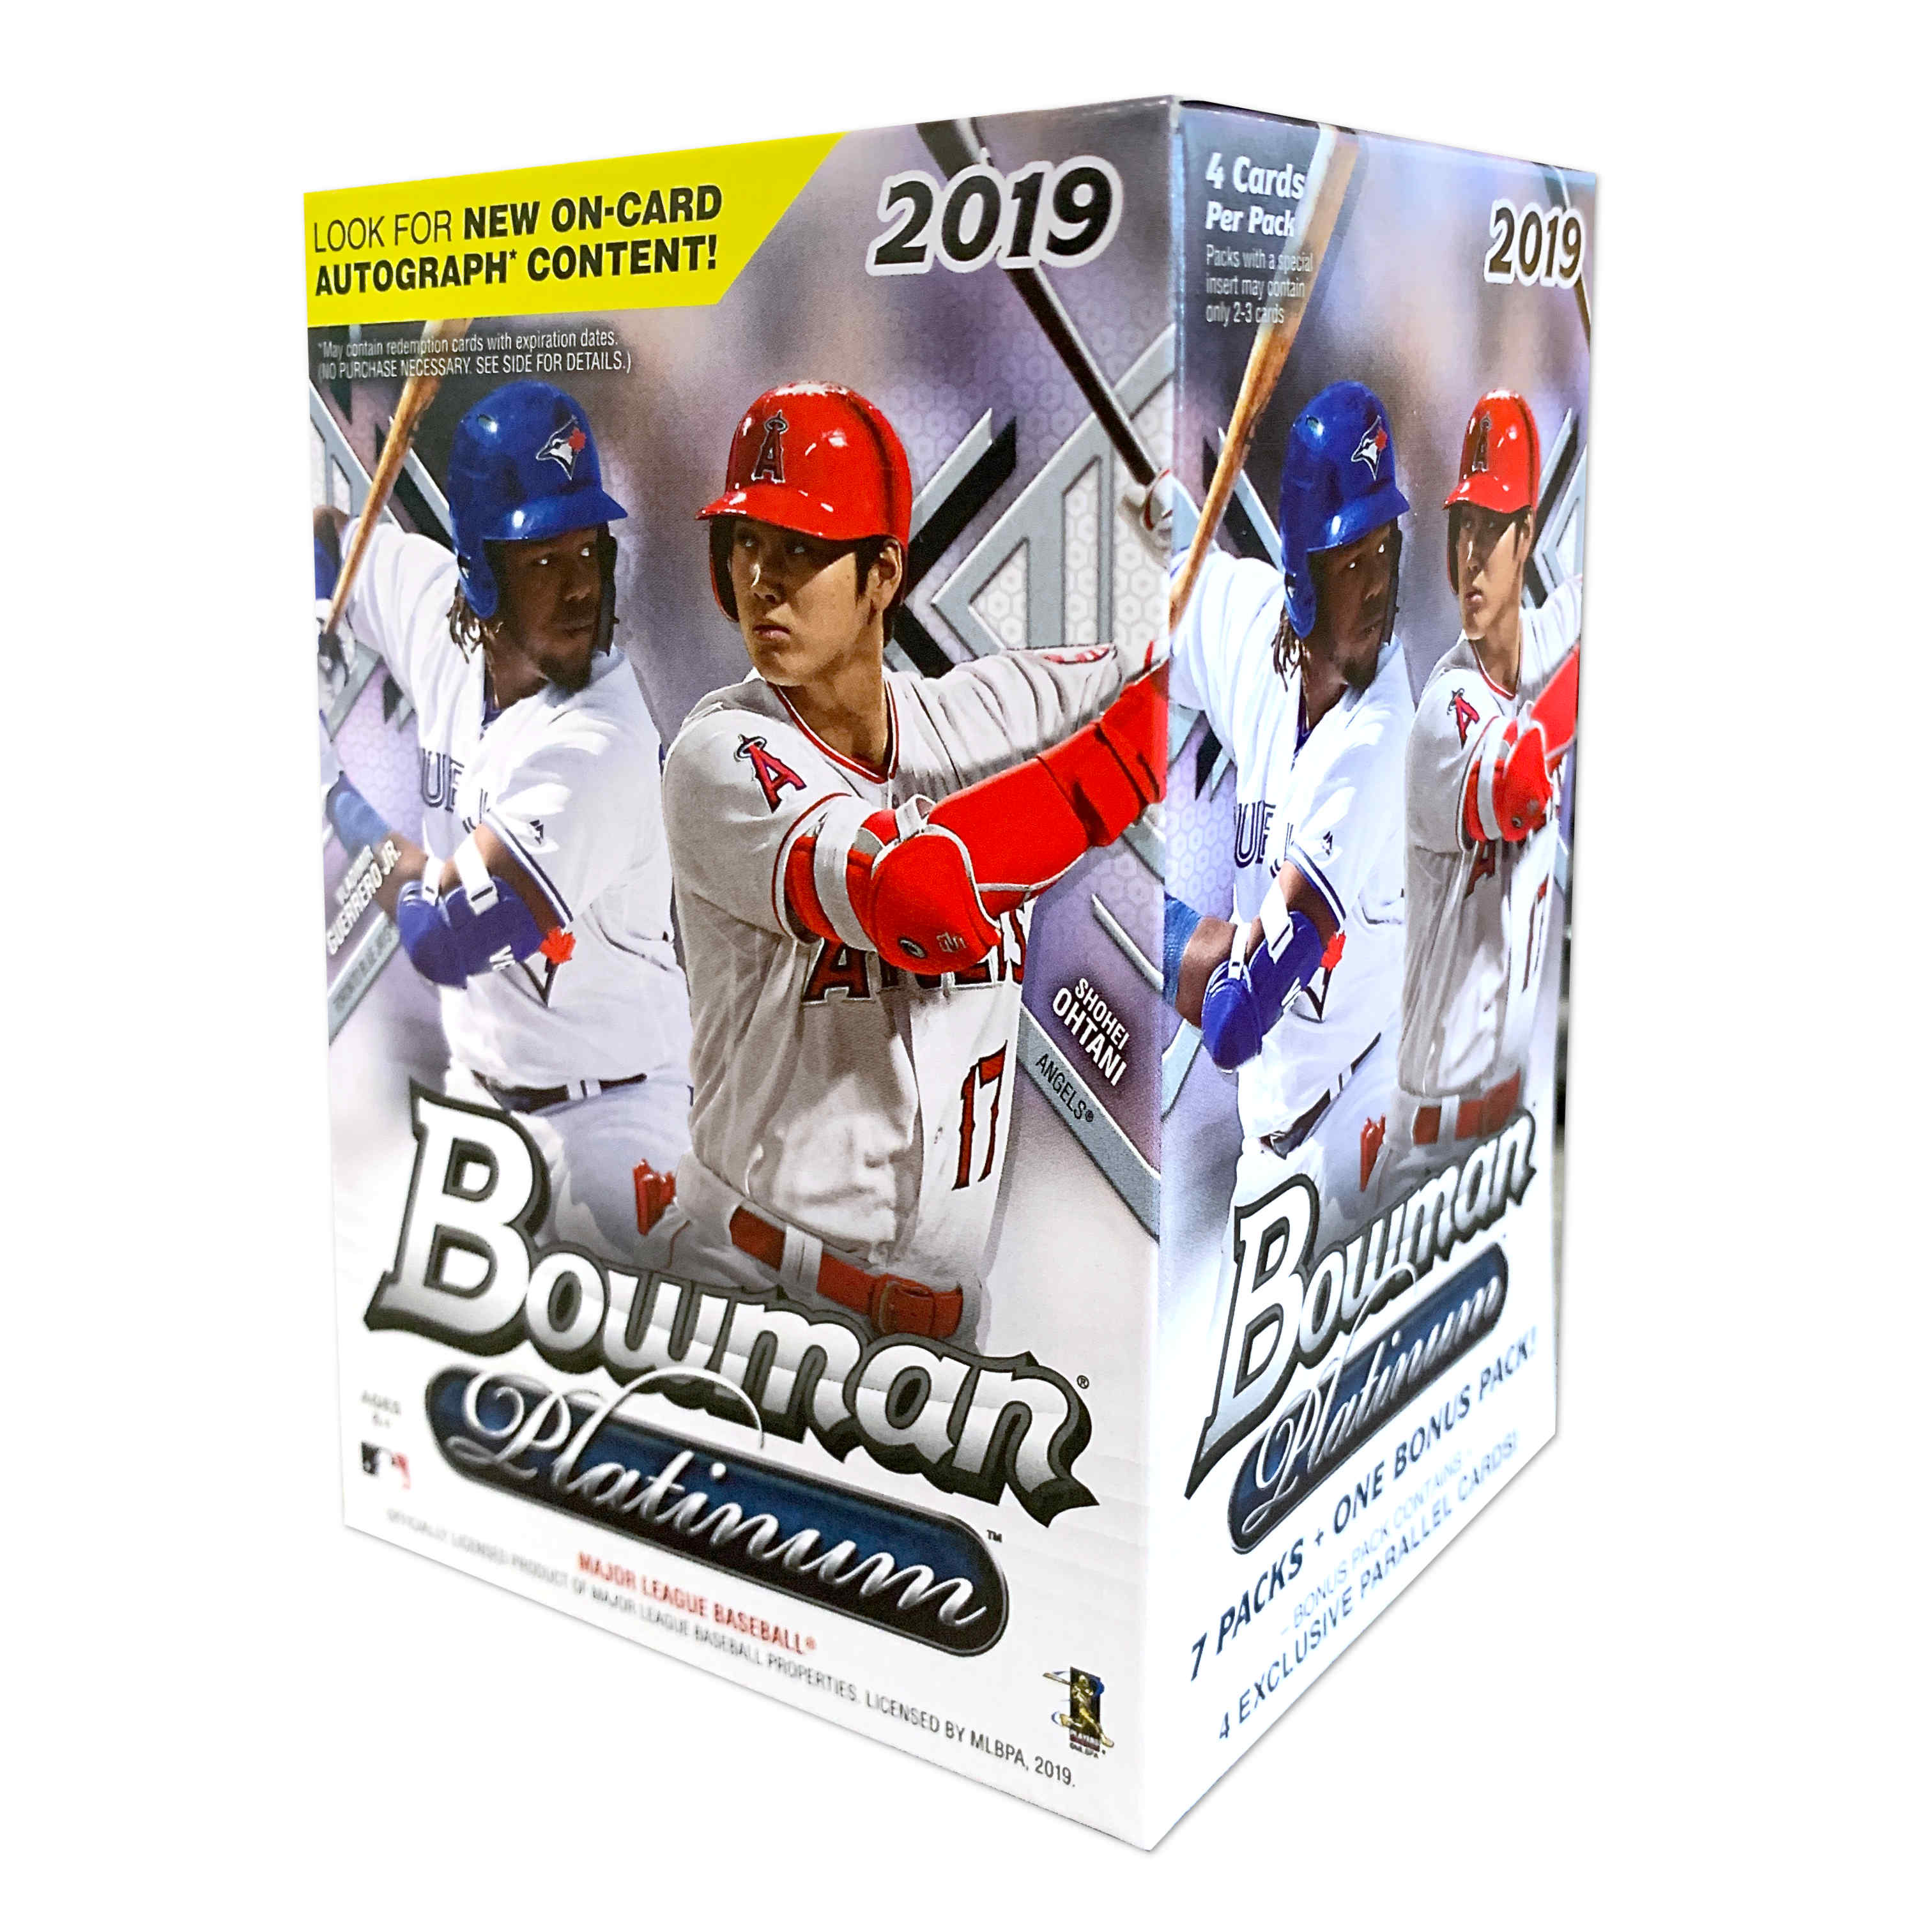 2019 Topps Bowman Platinum Baseball Blaster Box 28 Topps Bowman Baseball Trading Cards 1 Bonus 4 Card Ice Foilboard Parallel Pack